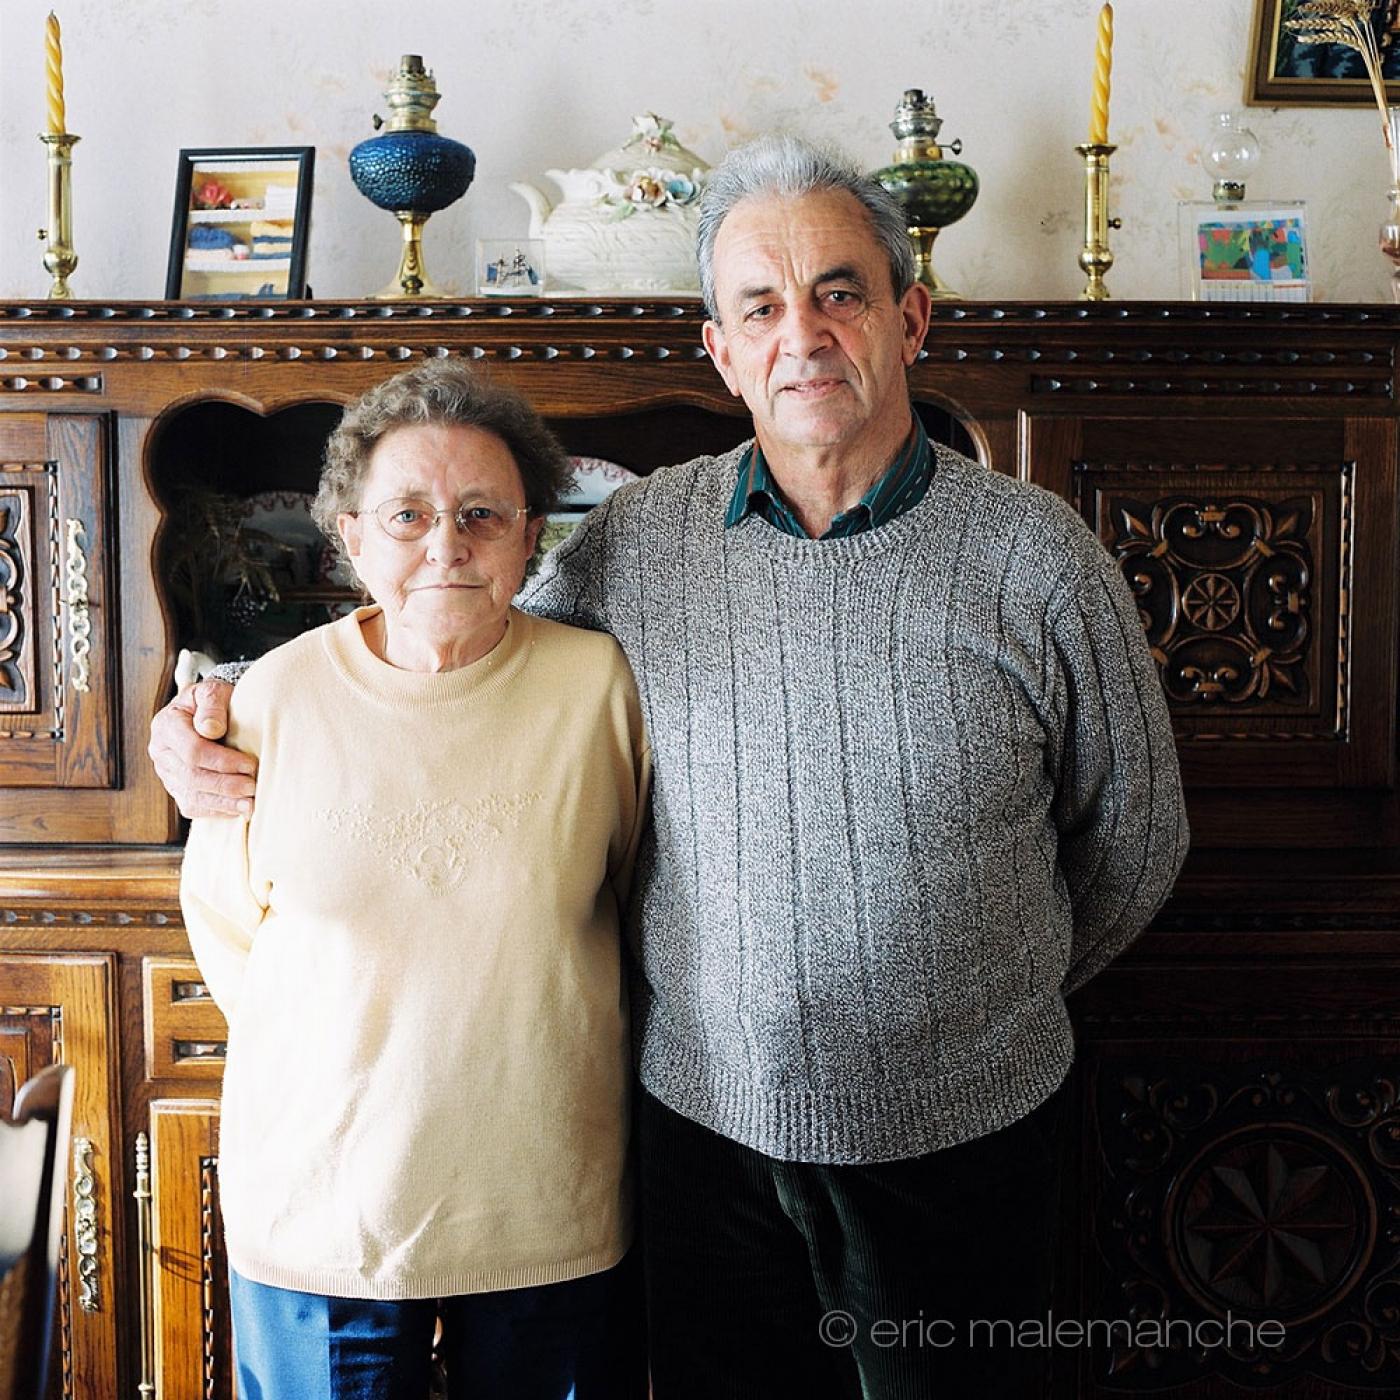 http://www.ericmalemanche.com/imagess/topics/les-bretons-de-l-argoat/liste/Bretons-Malemanche-012.jpg